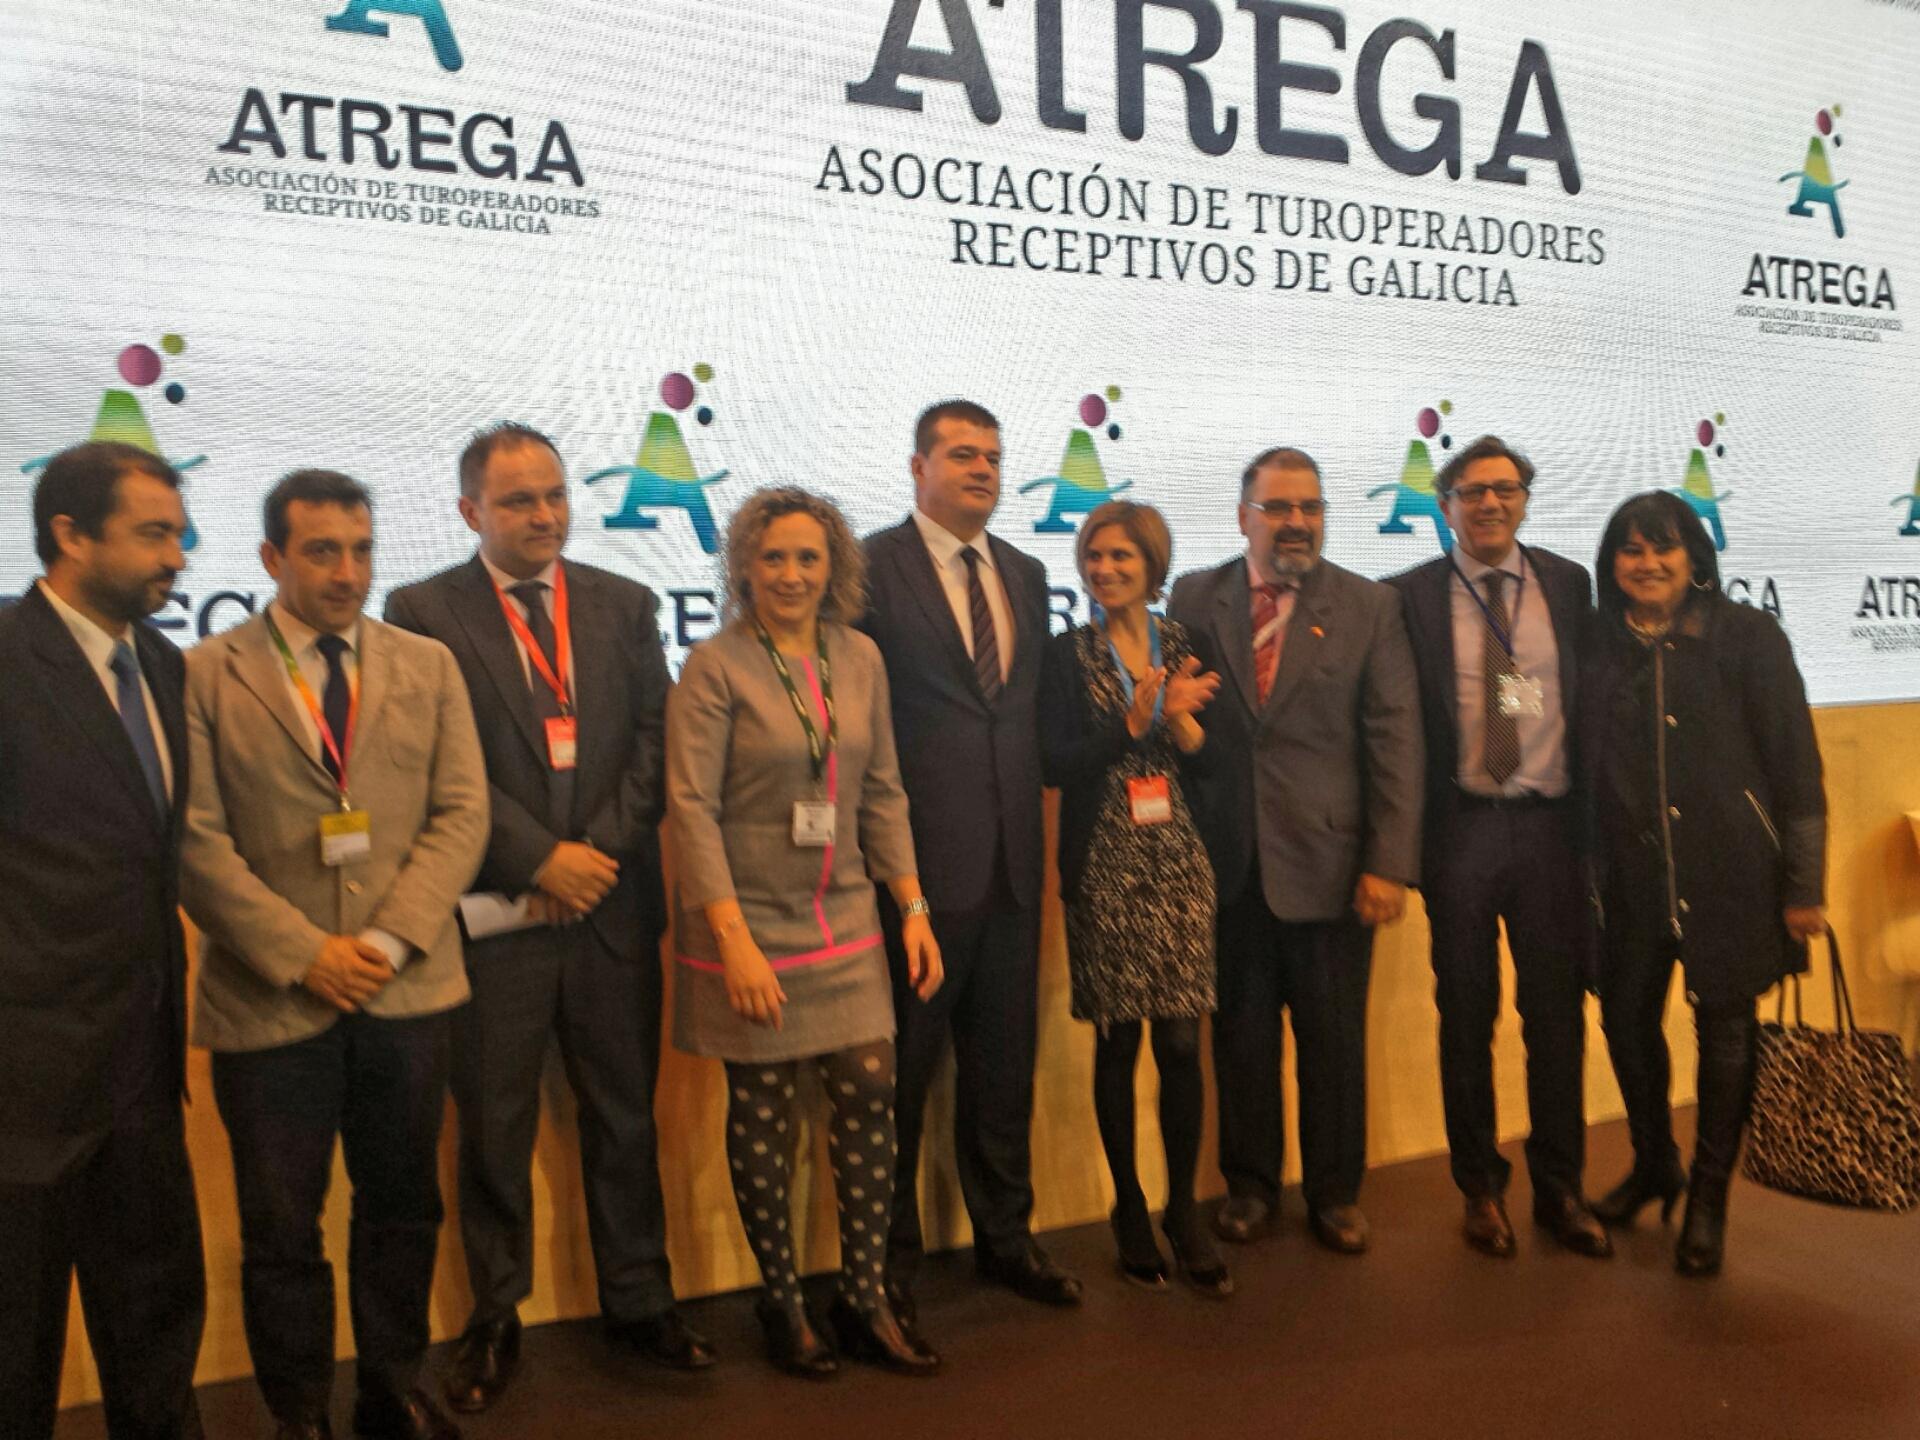 La Asociación de Turoperadores Receptivos de Galicia, ATREGA, se presenta en FITUR